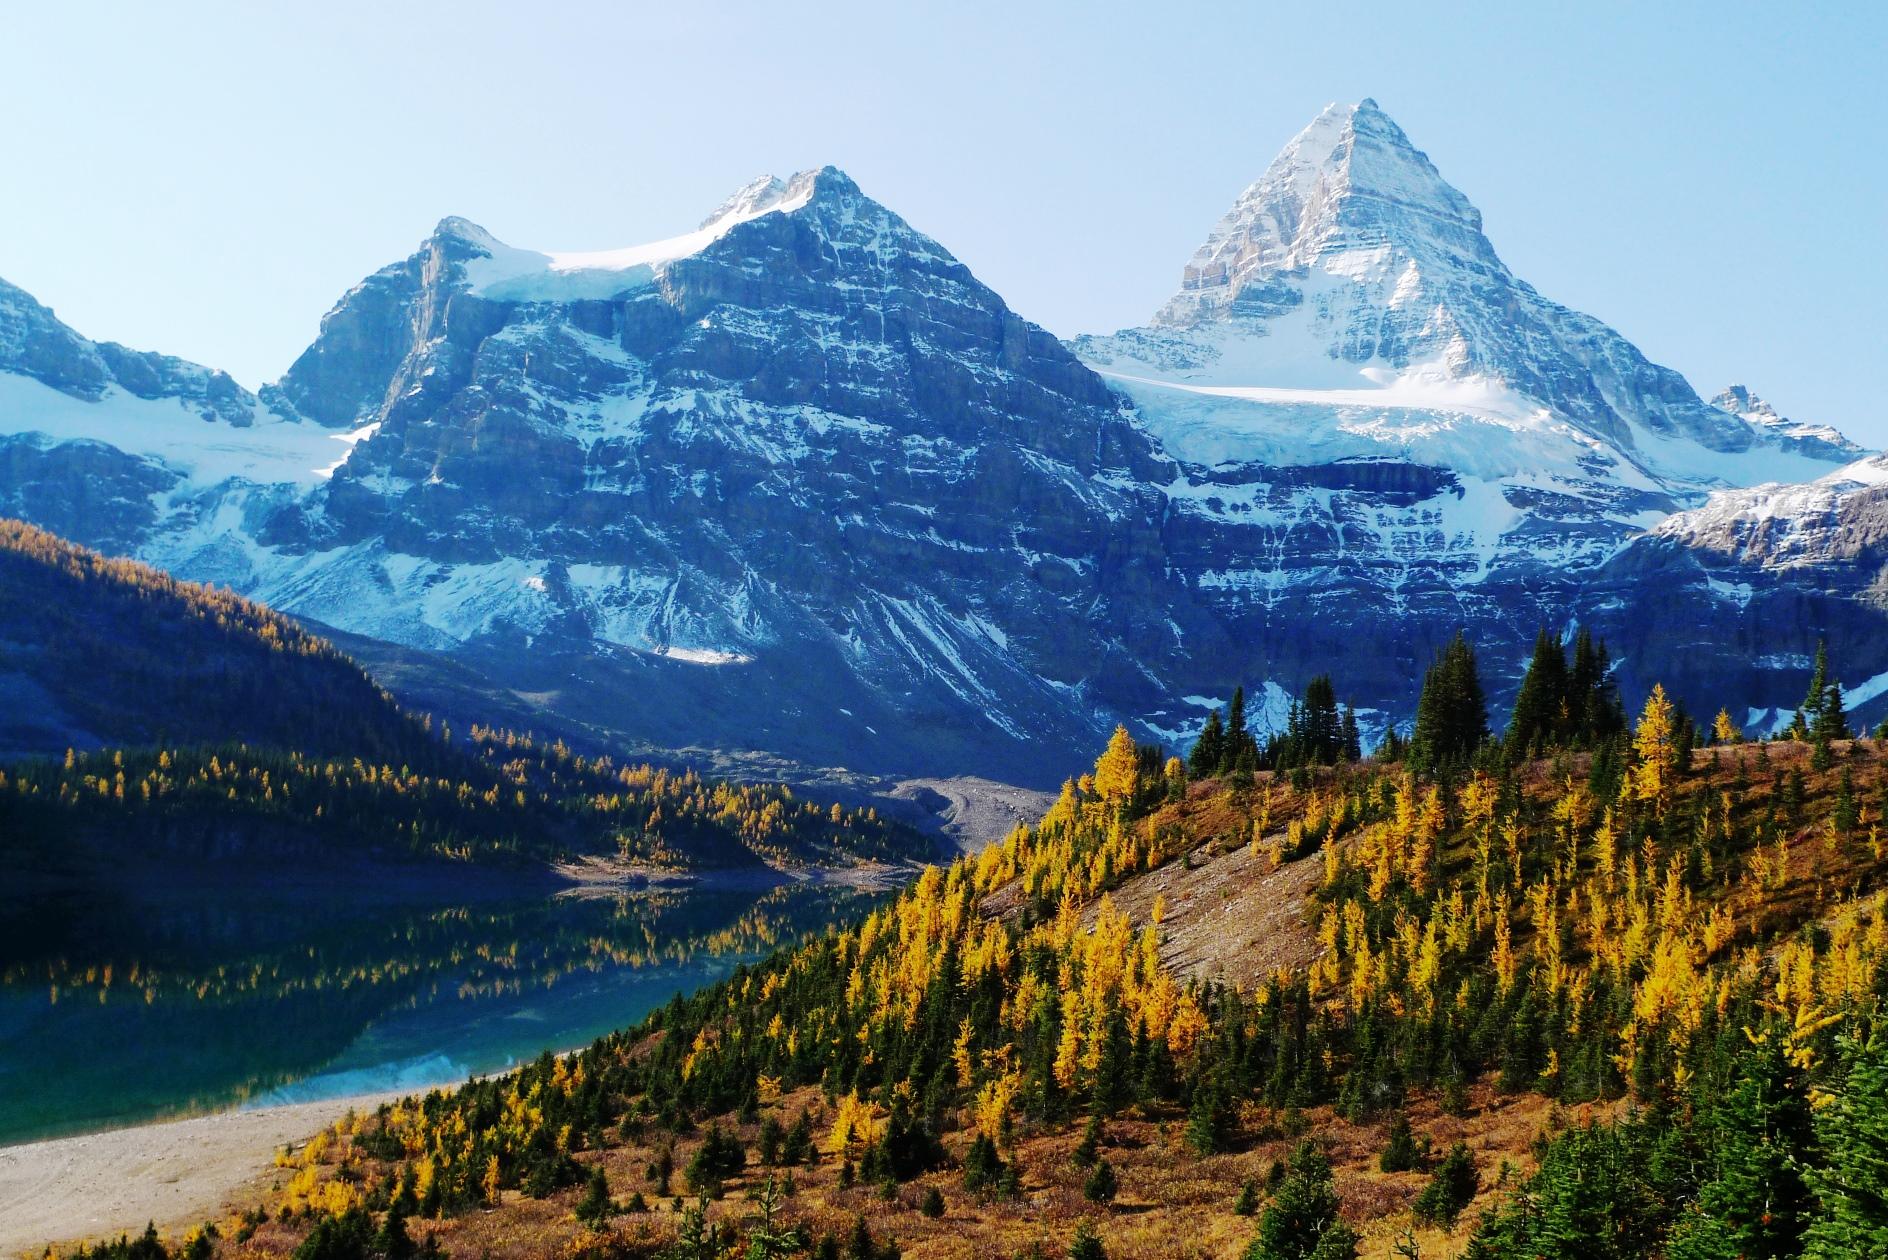 ロッキー屈指の人気を誇るMt.アシニボインは秋になると山麓がカラマツの黄葉で彩る